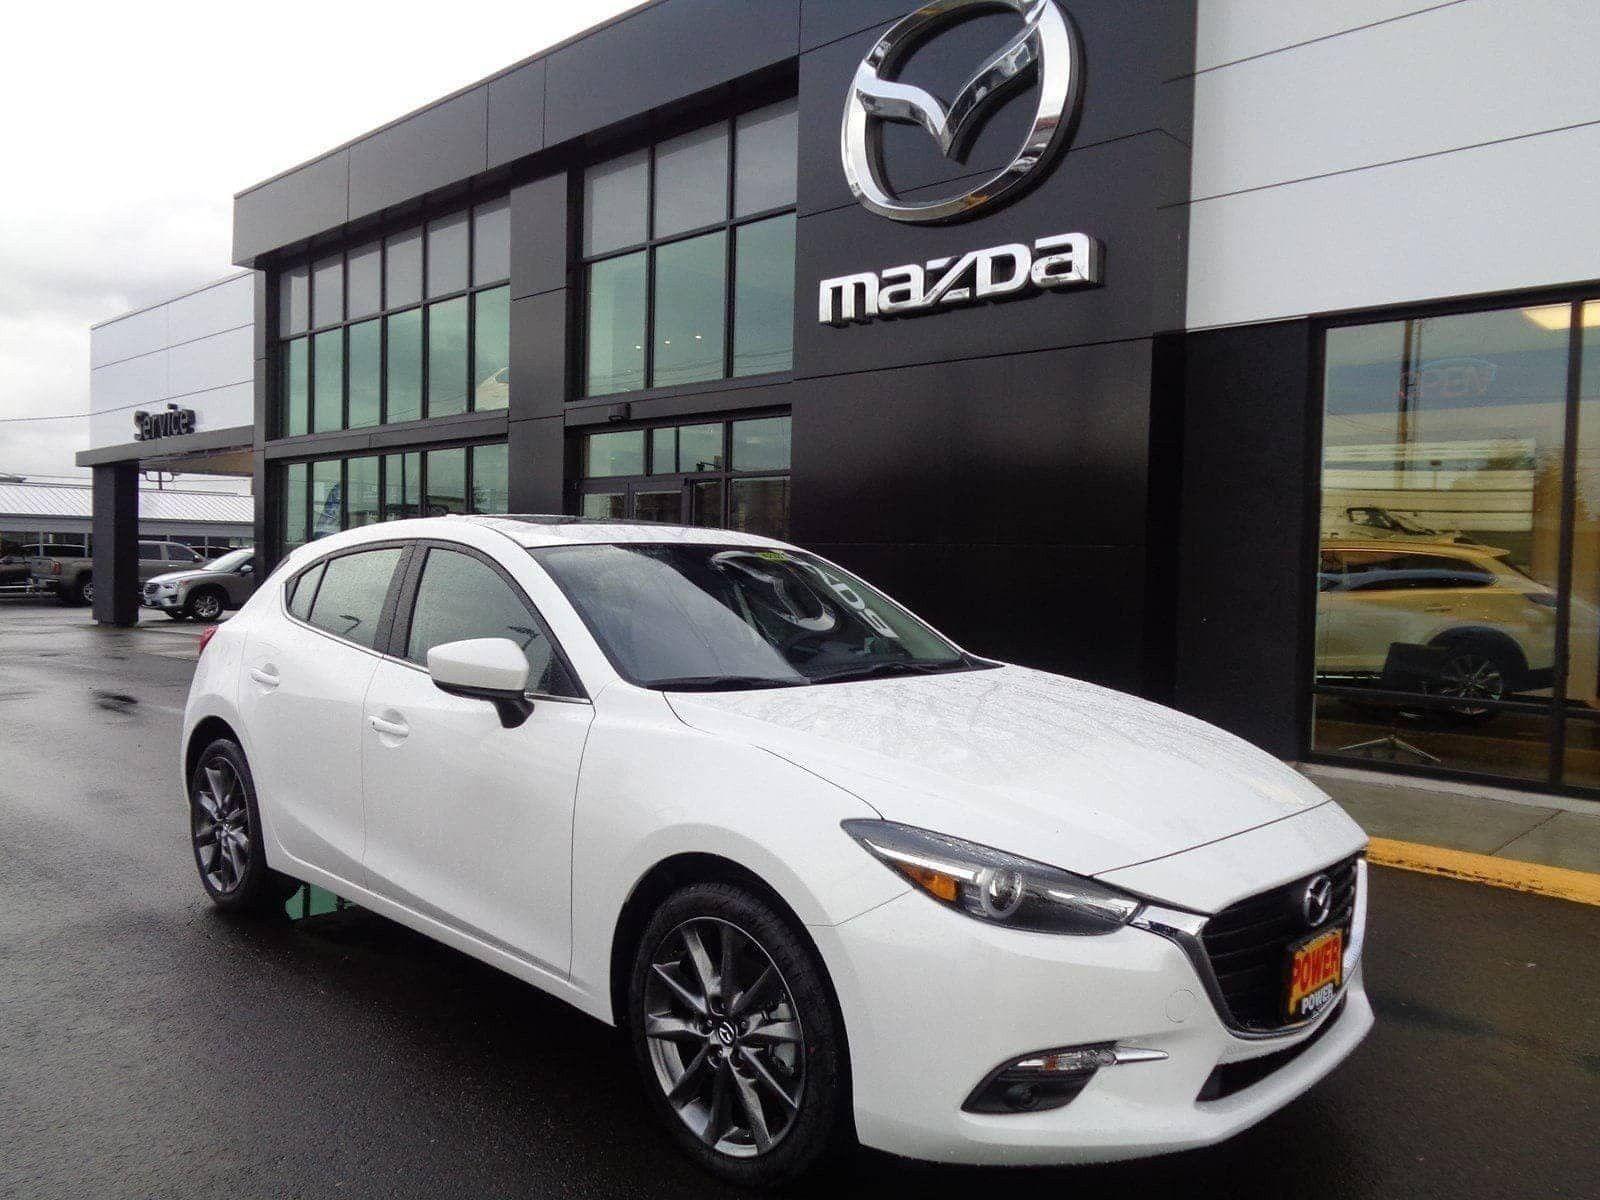 The 2019 Mazda 3 Sedan Release Date Mazda 3 sedan, Mazda